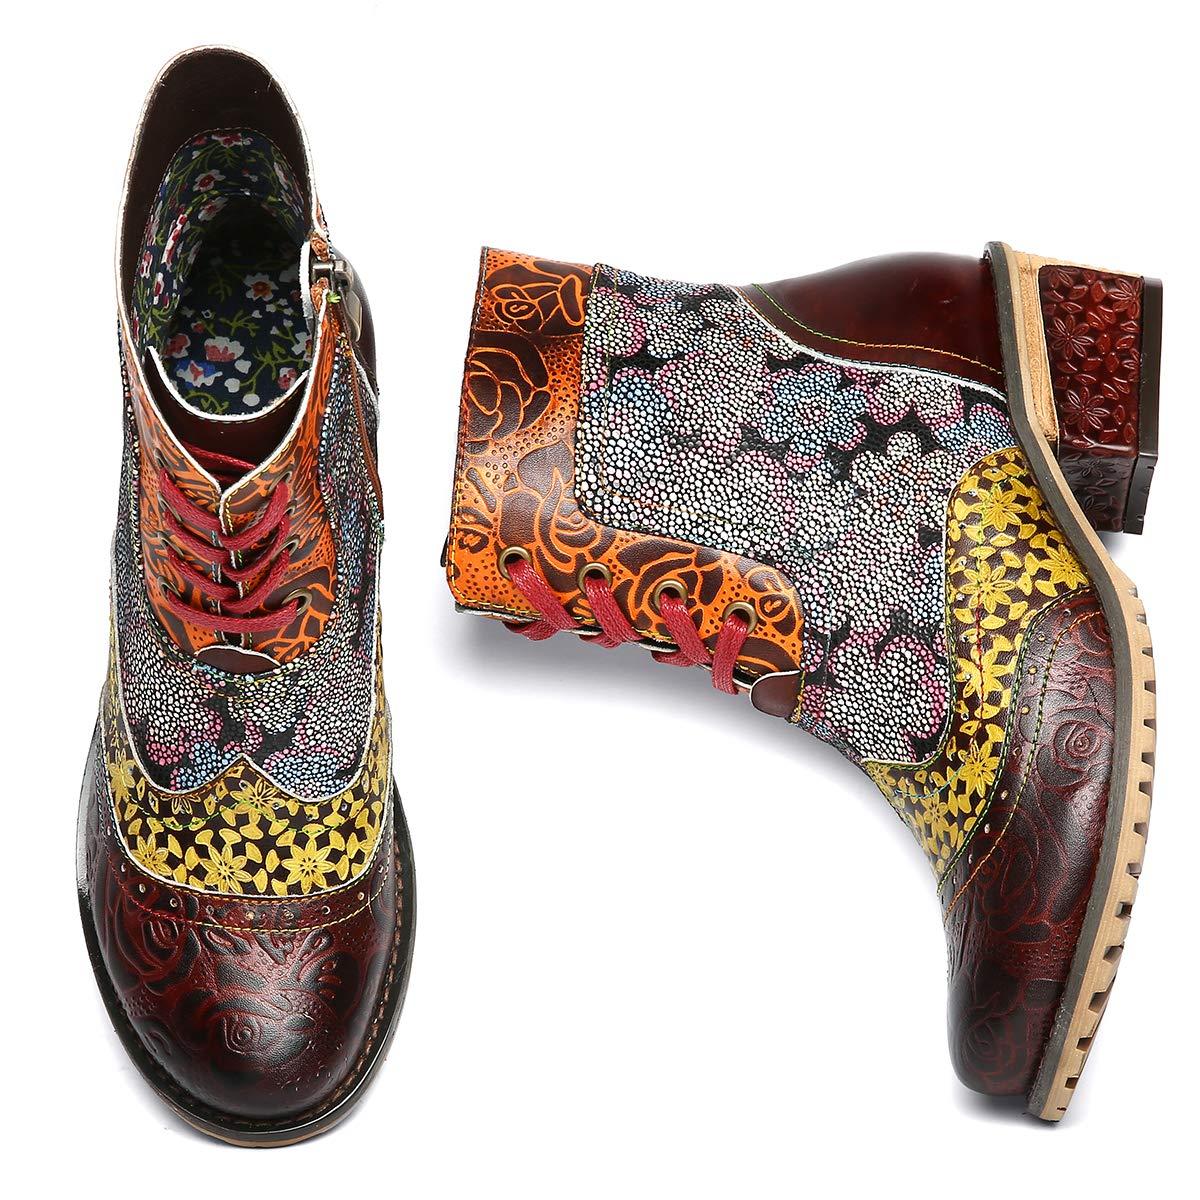 67262cffc936ce Camfosy Bottines Cuir Femme Plates, Chaussures Ville Hiver à Talons Plats  Boots Bottes à Lacets avec ...